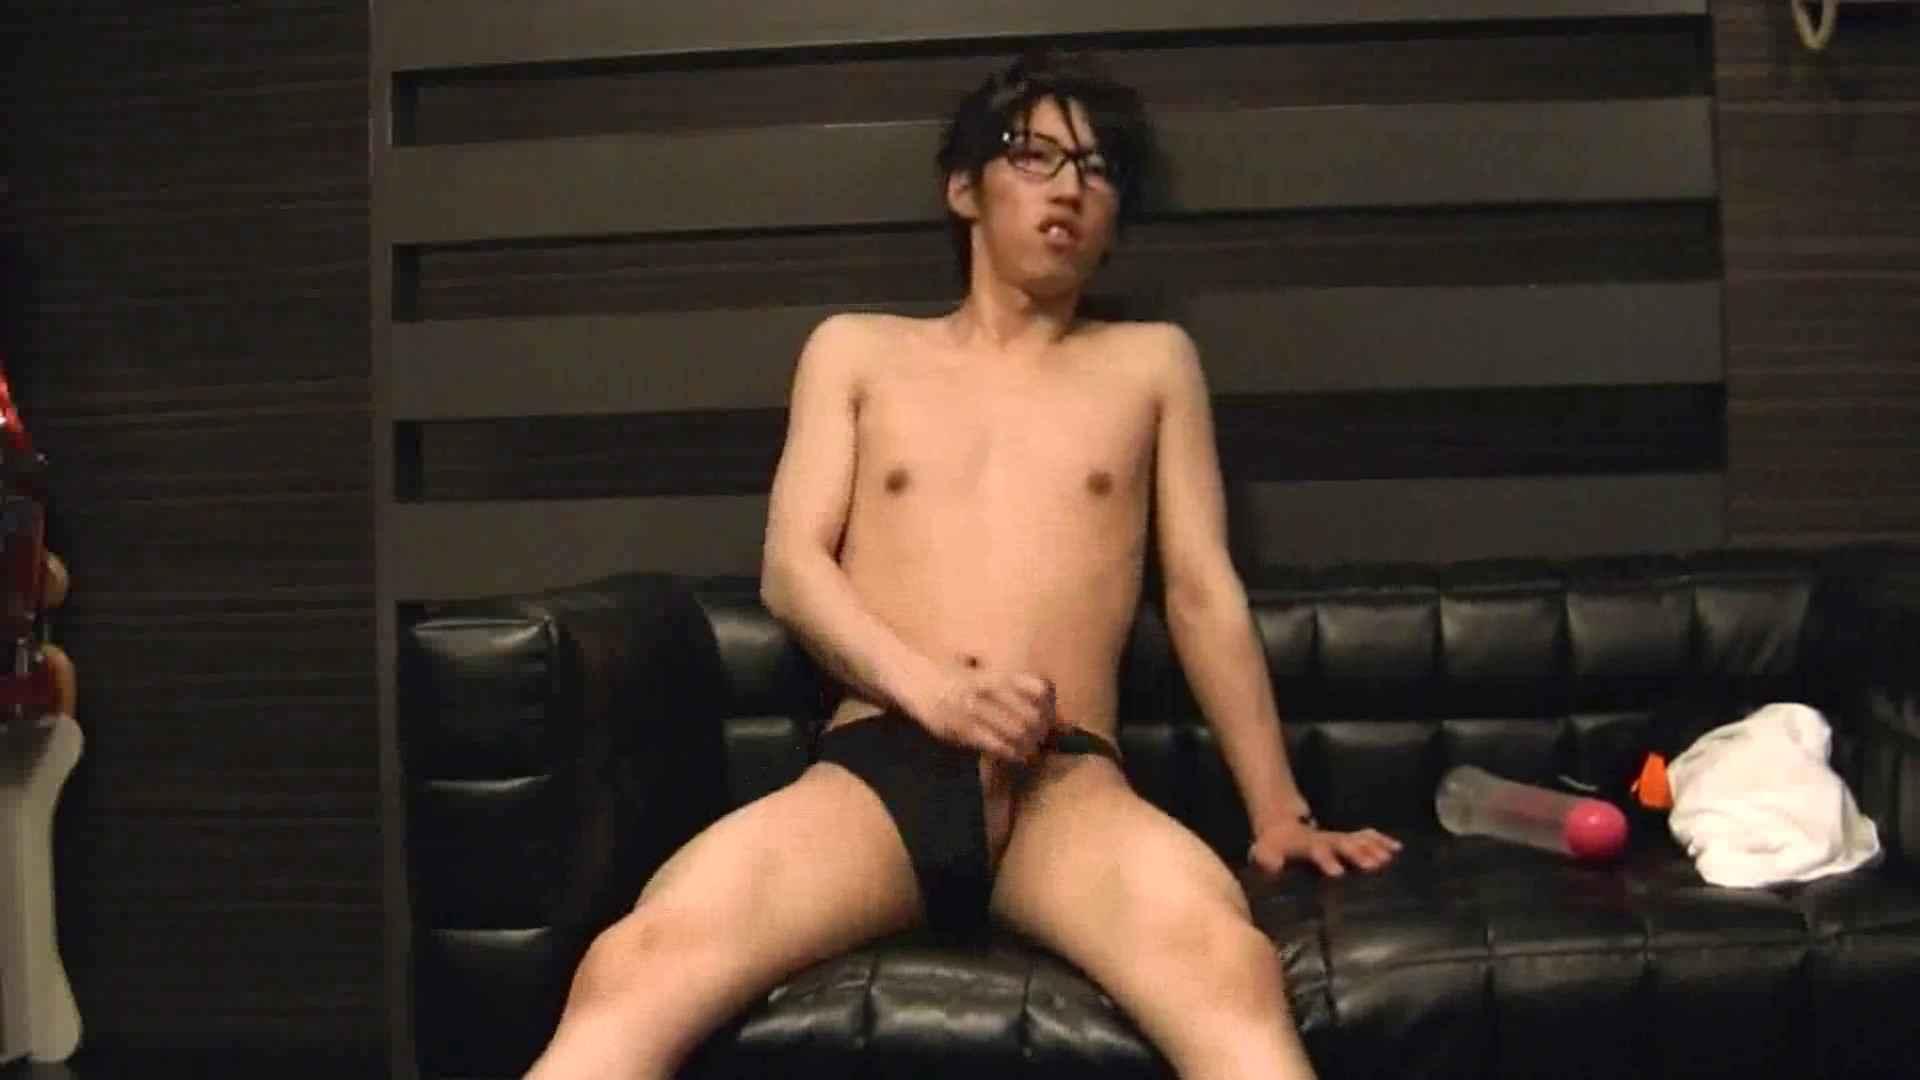 ONA見せカーニバル!! Vol3 男の世界  98画像 64